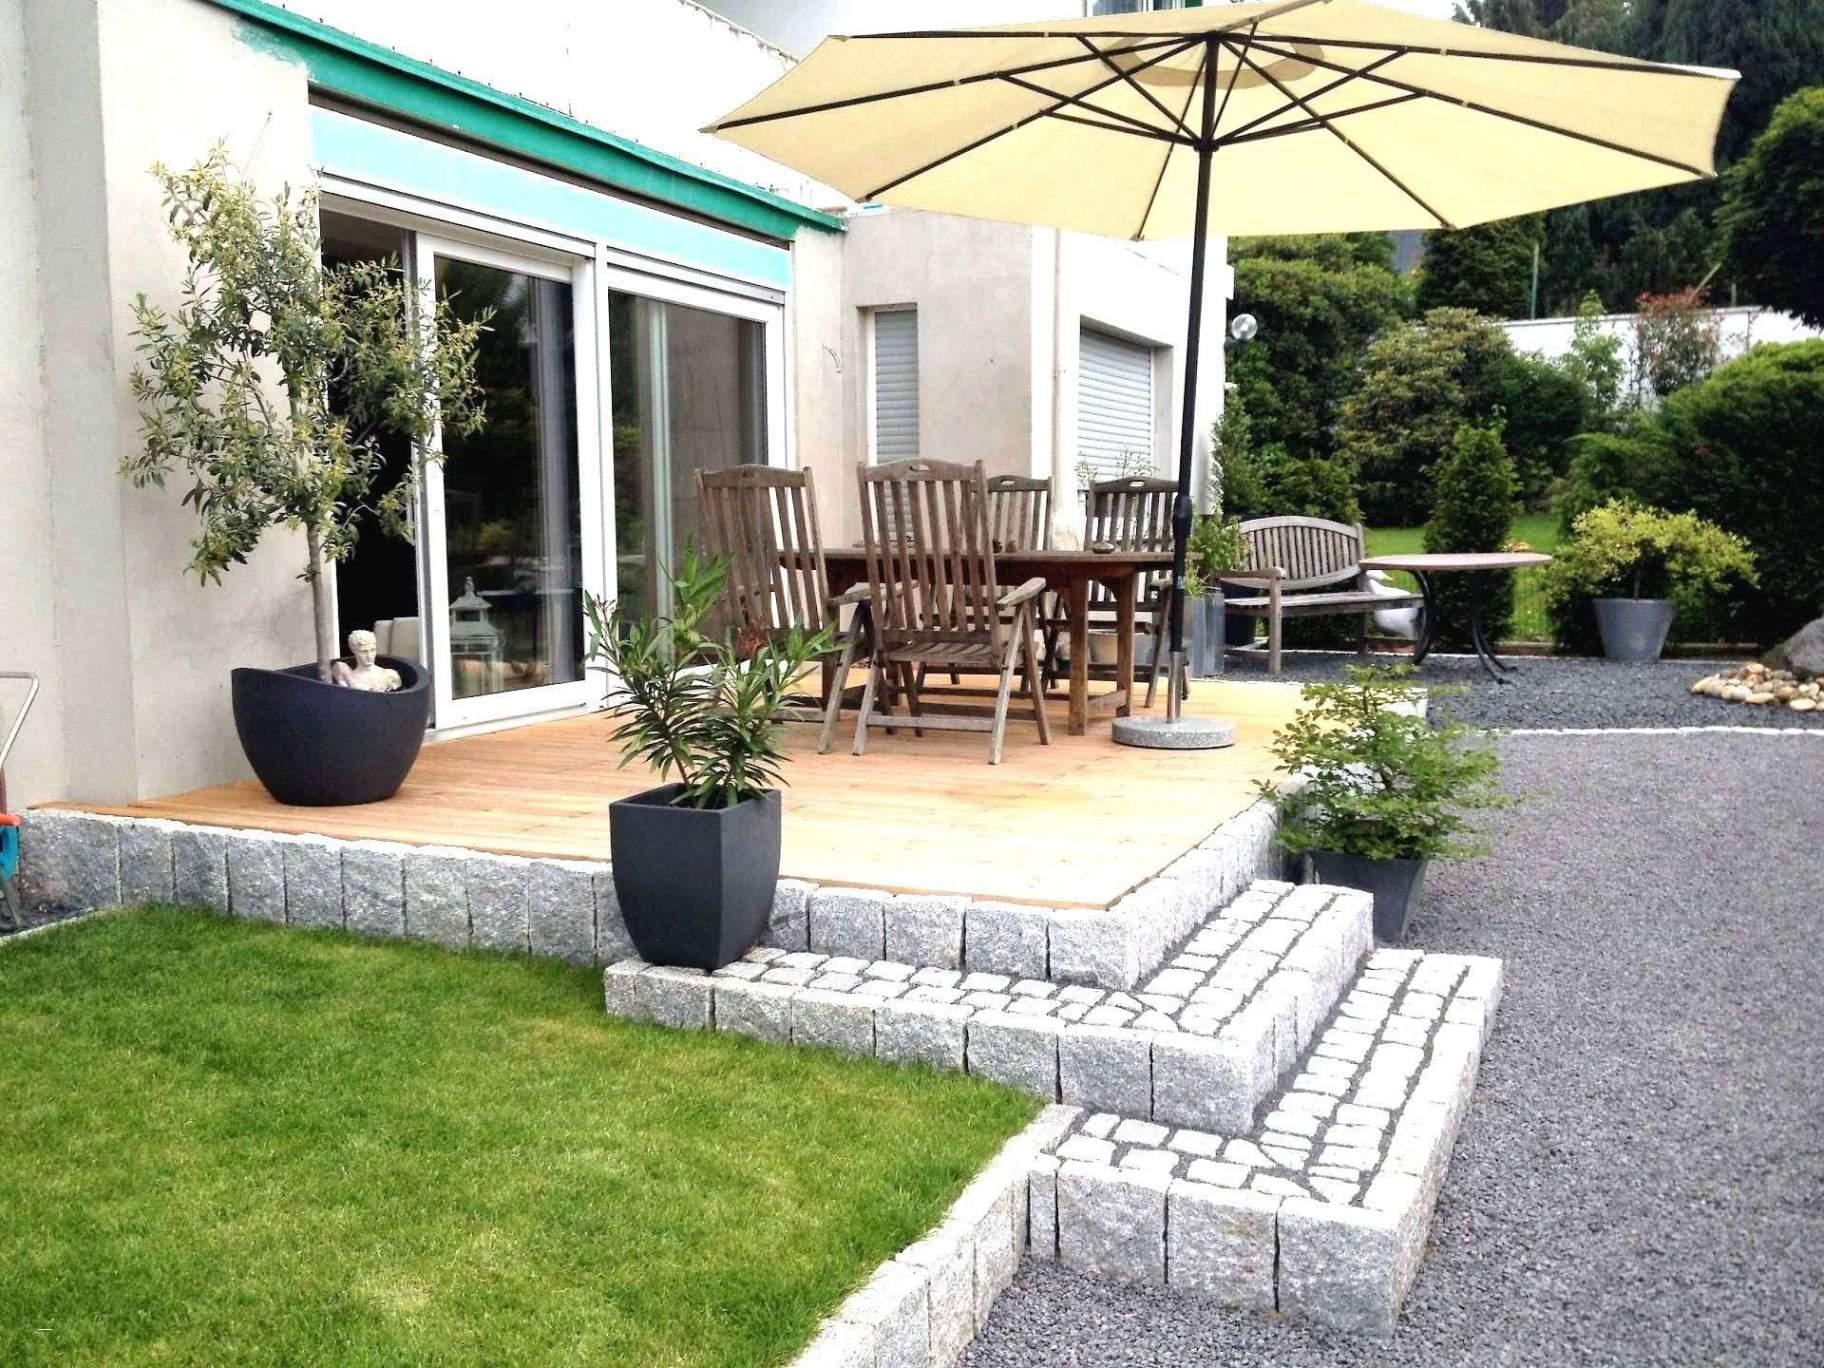 42 elegant windschutz fur balkon bild windschutz fur terrasse windschutz fur terrasse 2